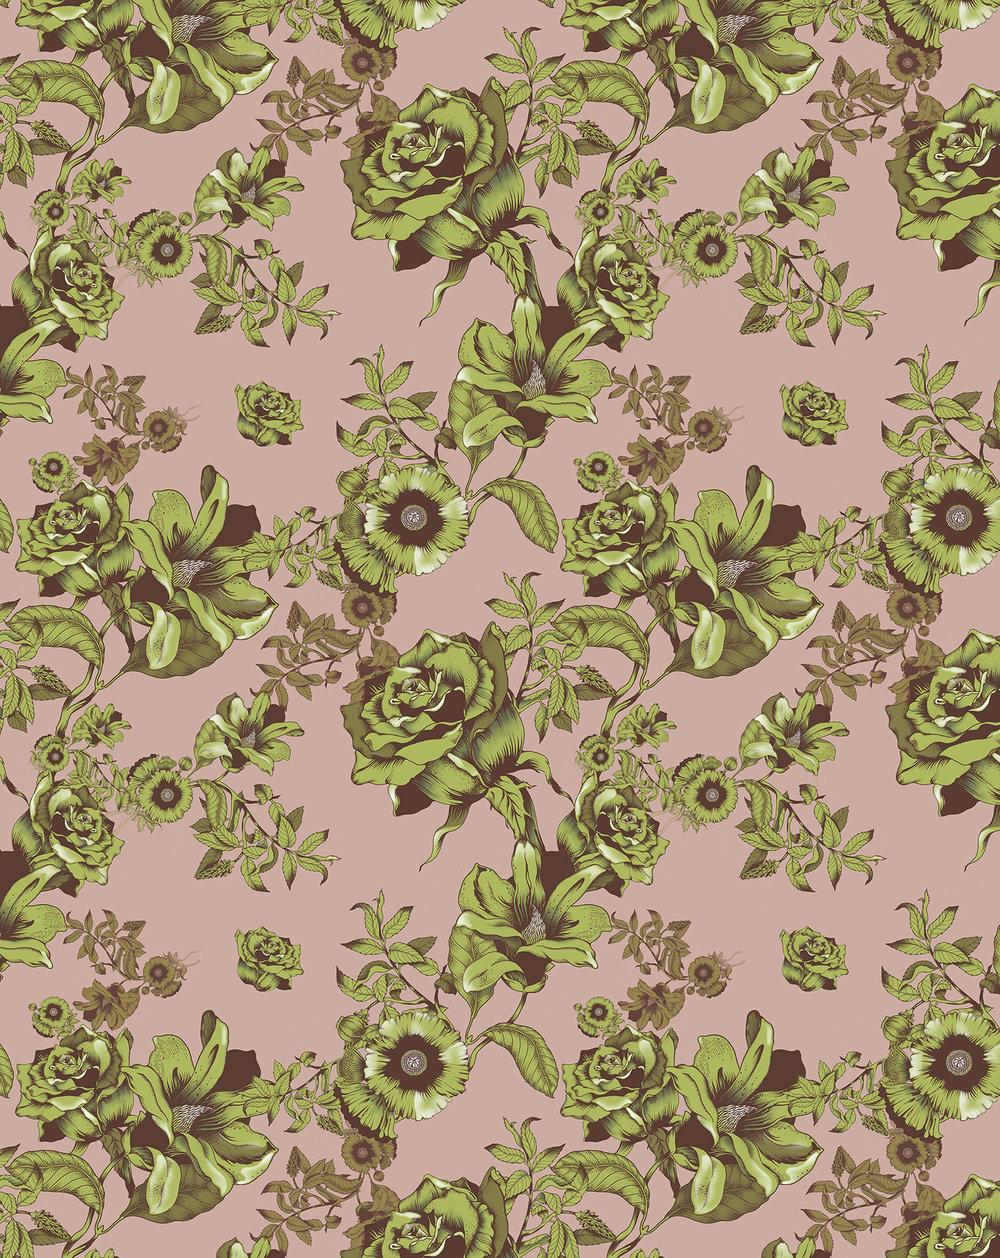 PommeChan_Pattern_Final1_Green_Pink_1_Lowres_15x15.jpg